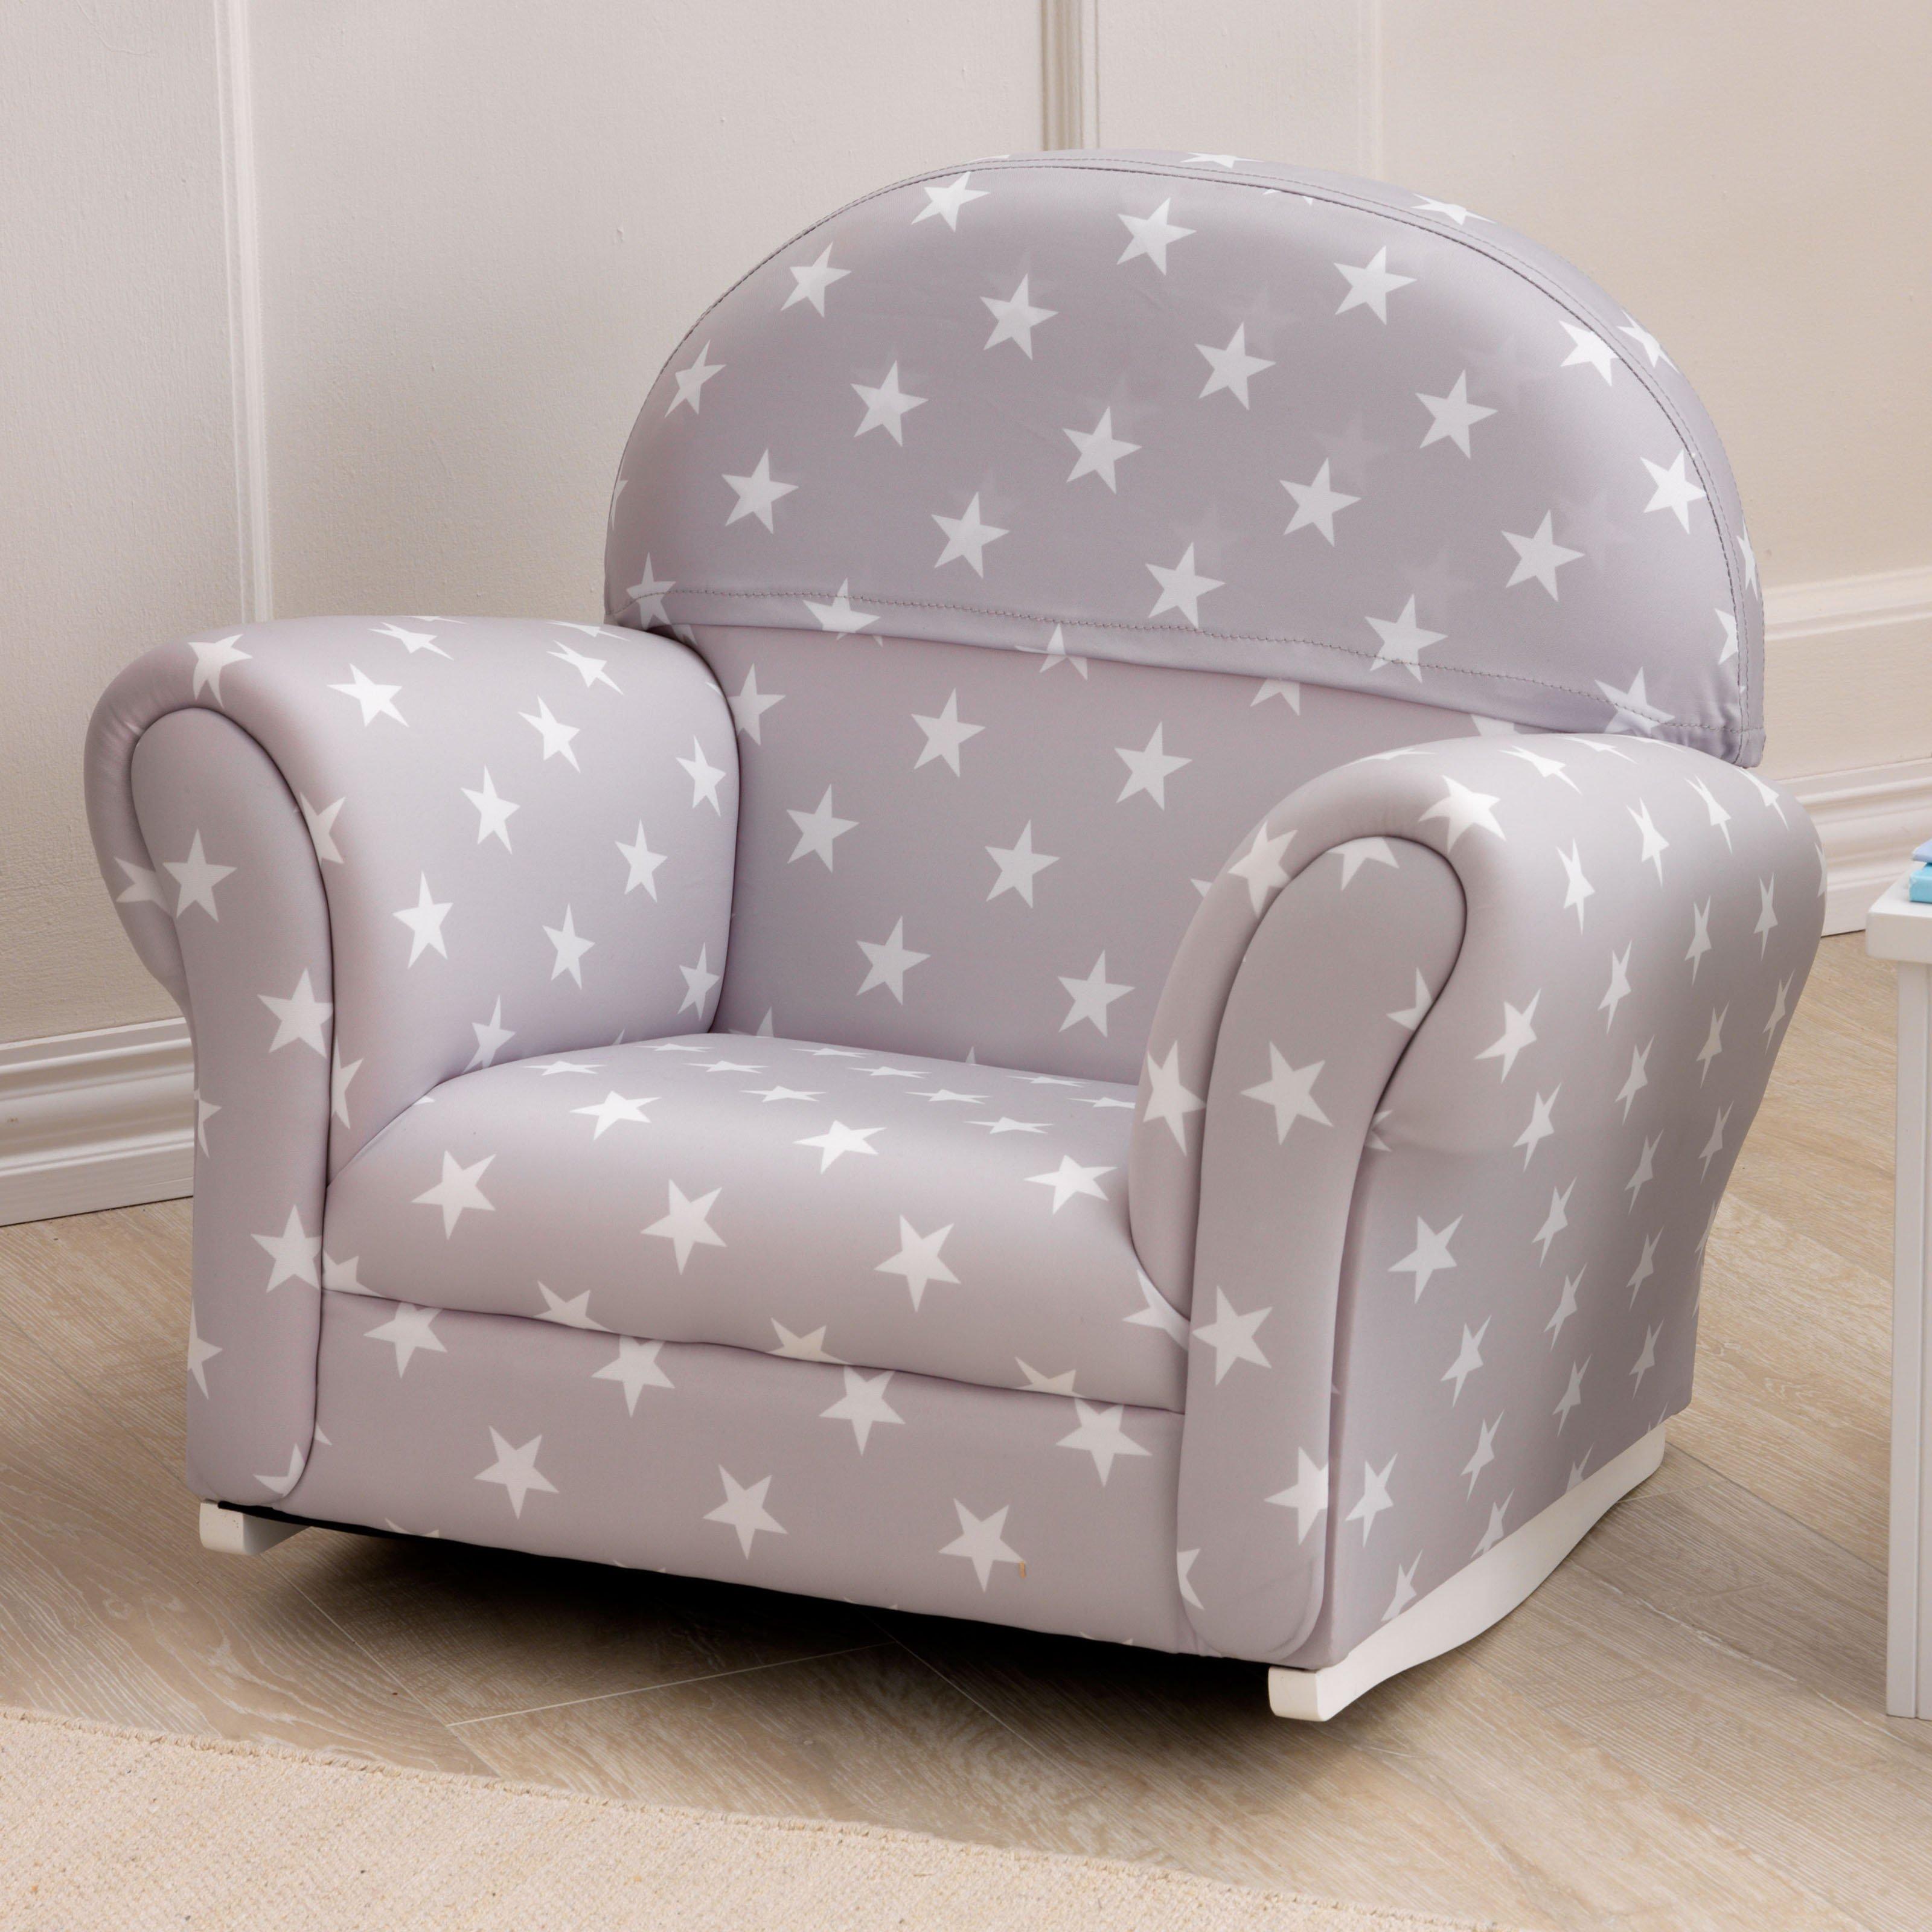 Trending Rocking Chair Design, Kids Upholstered Rocking Chair Kidkraft Gray Stars  Rocker Hayneedle toddler upholstered chair